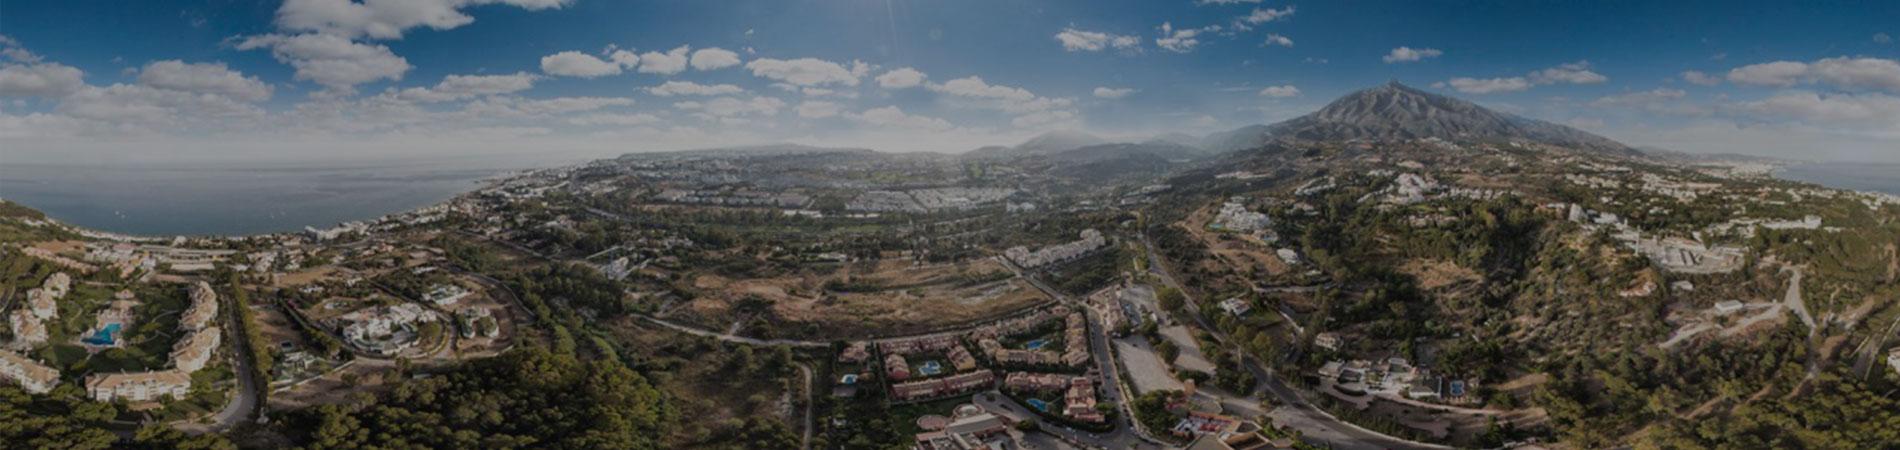 Marbella, Un lugar privilegiado